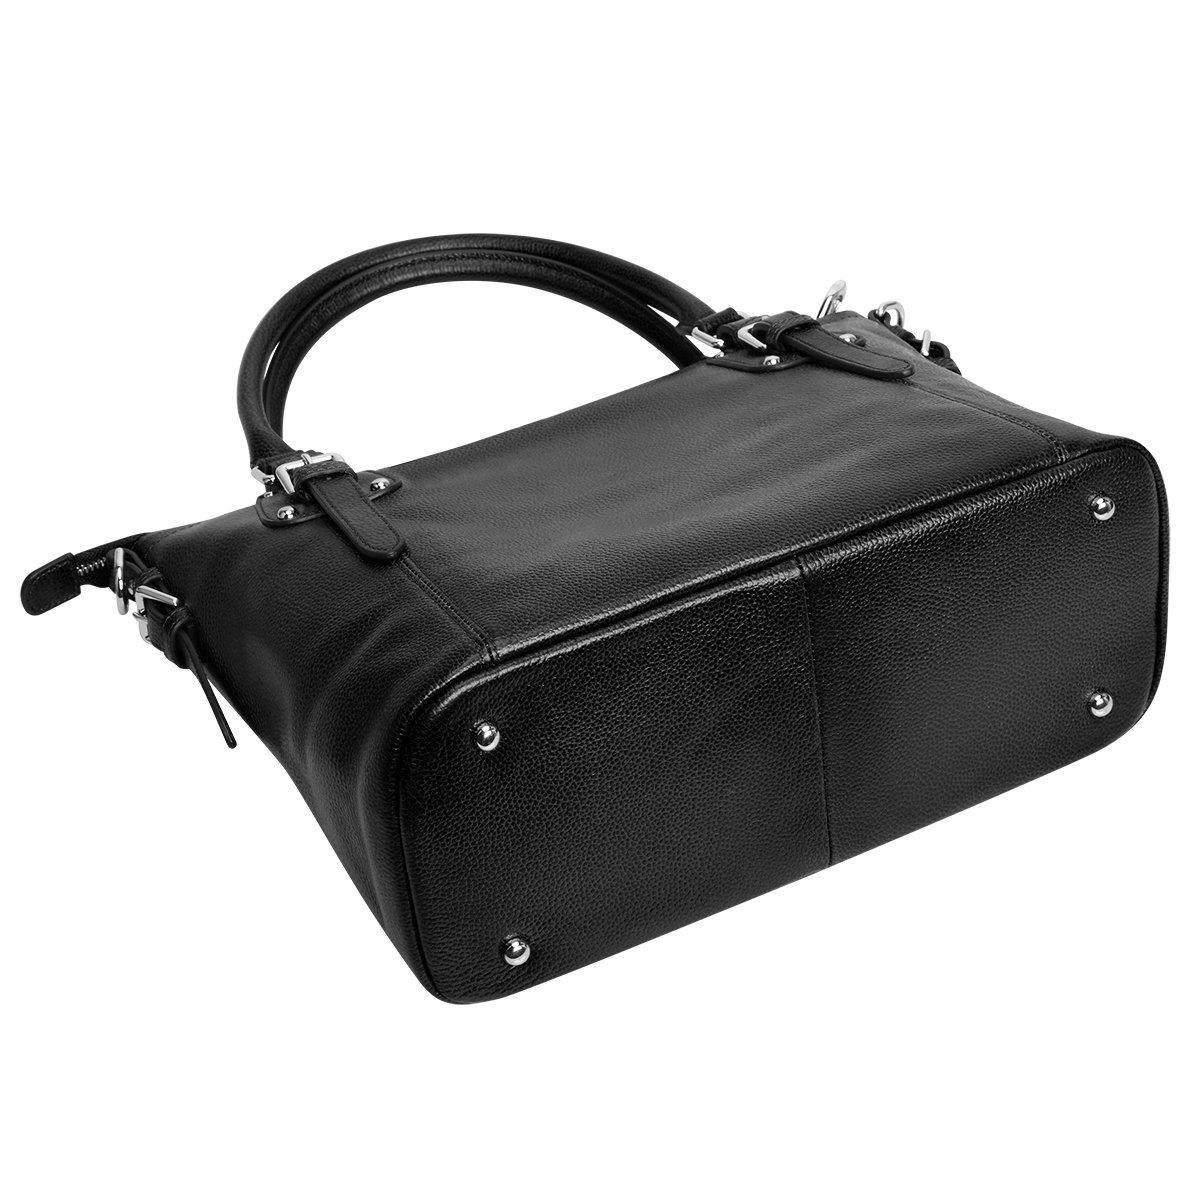 S-ZONE Geschenk der Mutter Tages Damen Classic Leather Tote Hobosund Schultertasche B-Braun